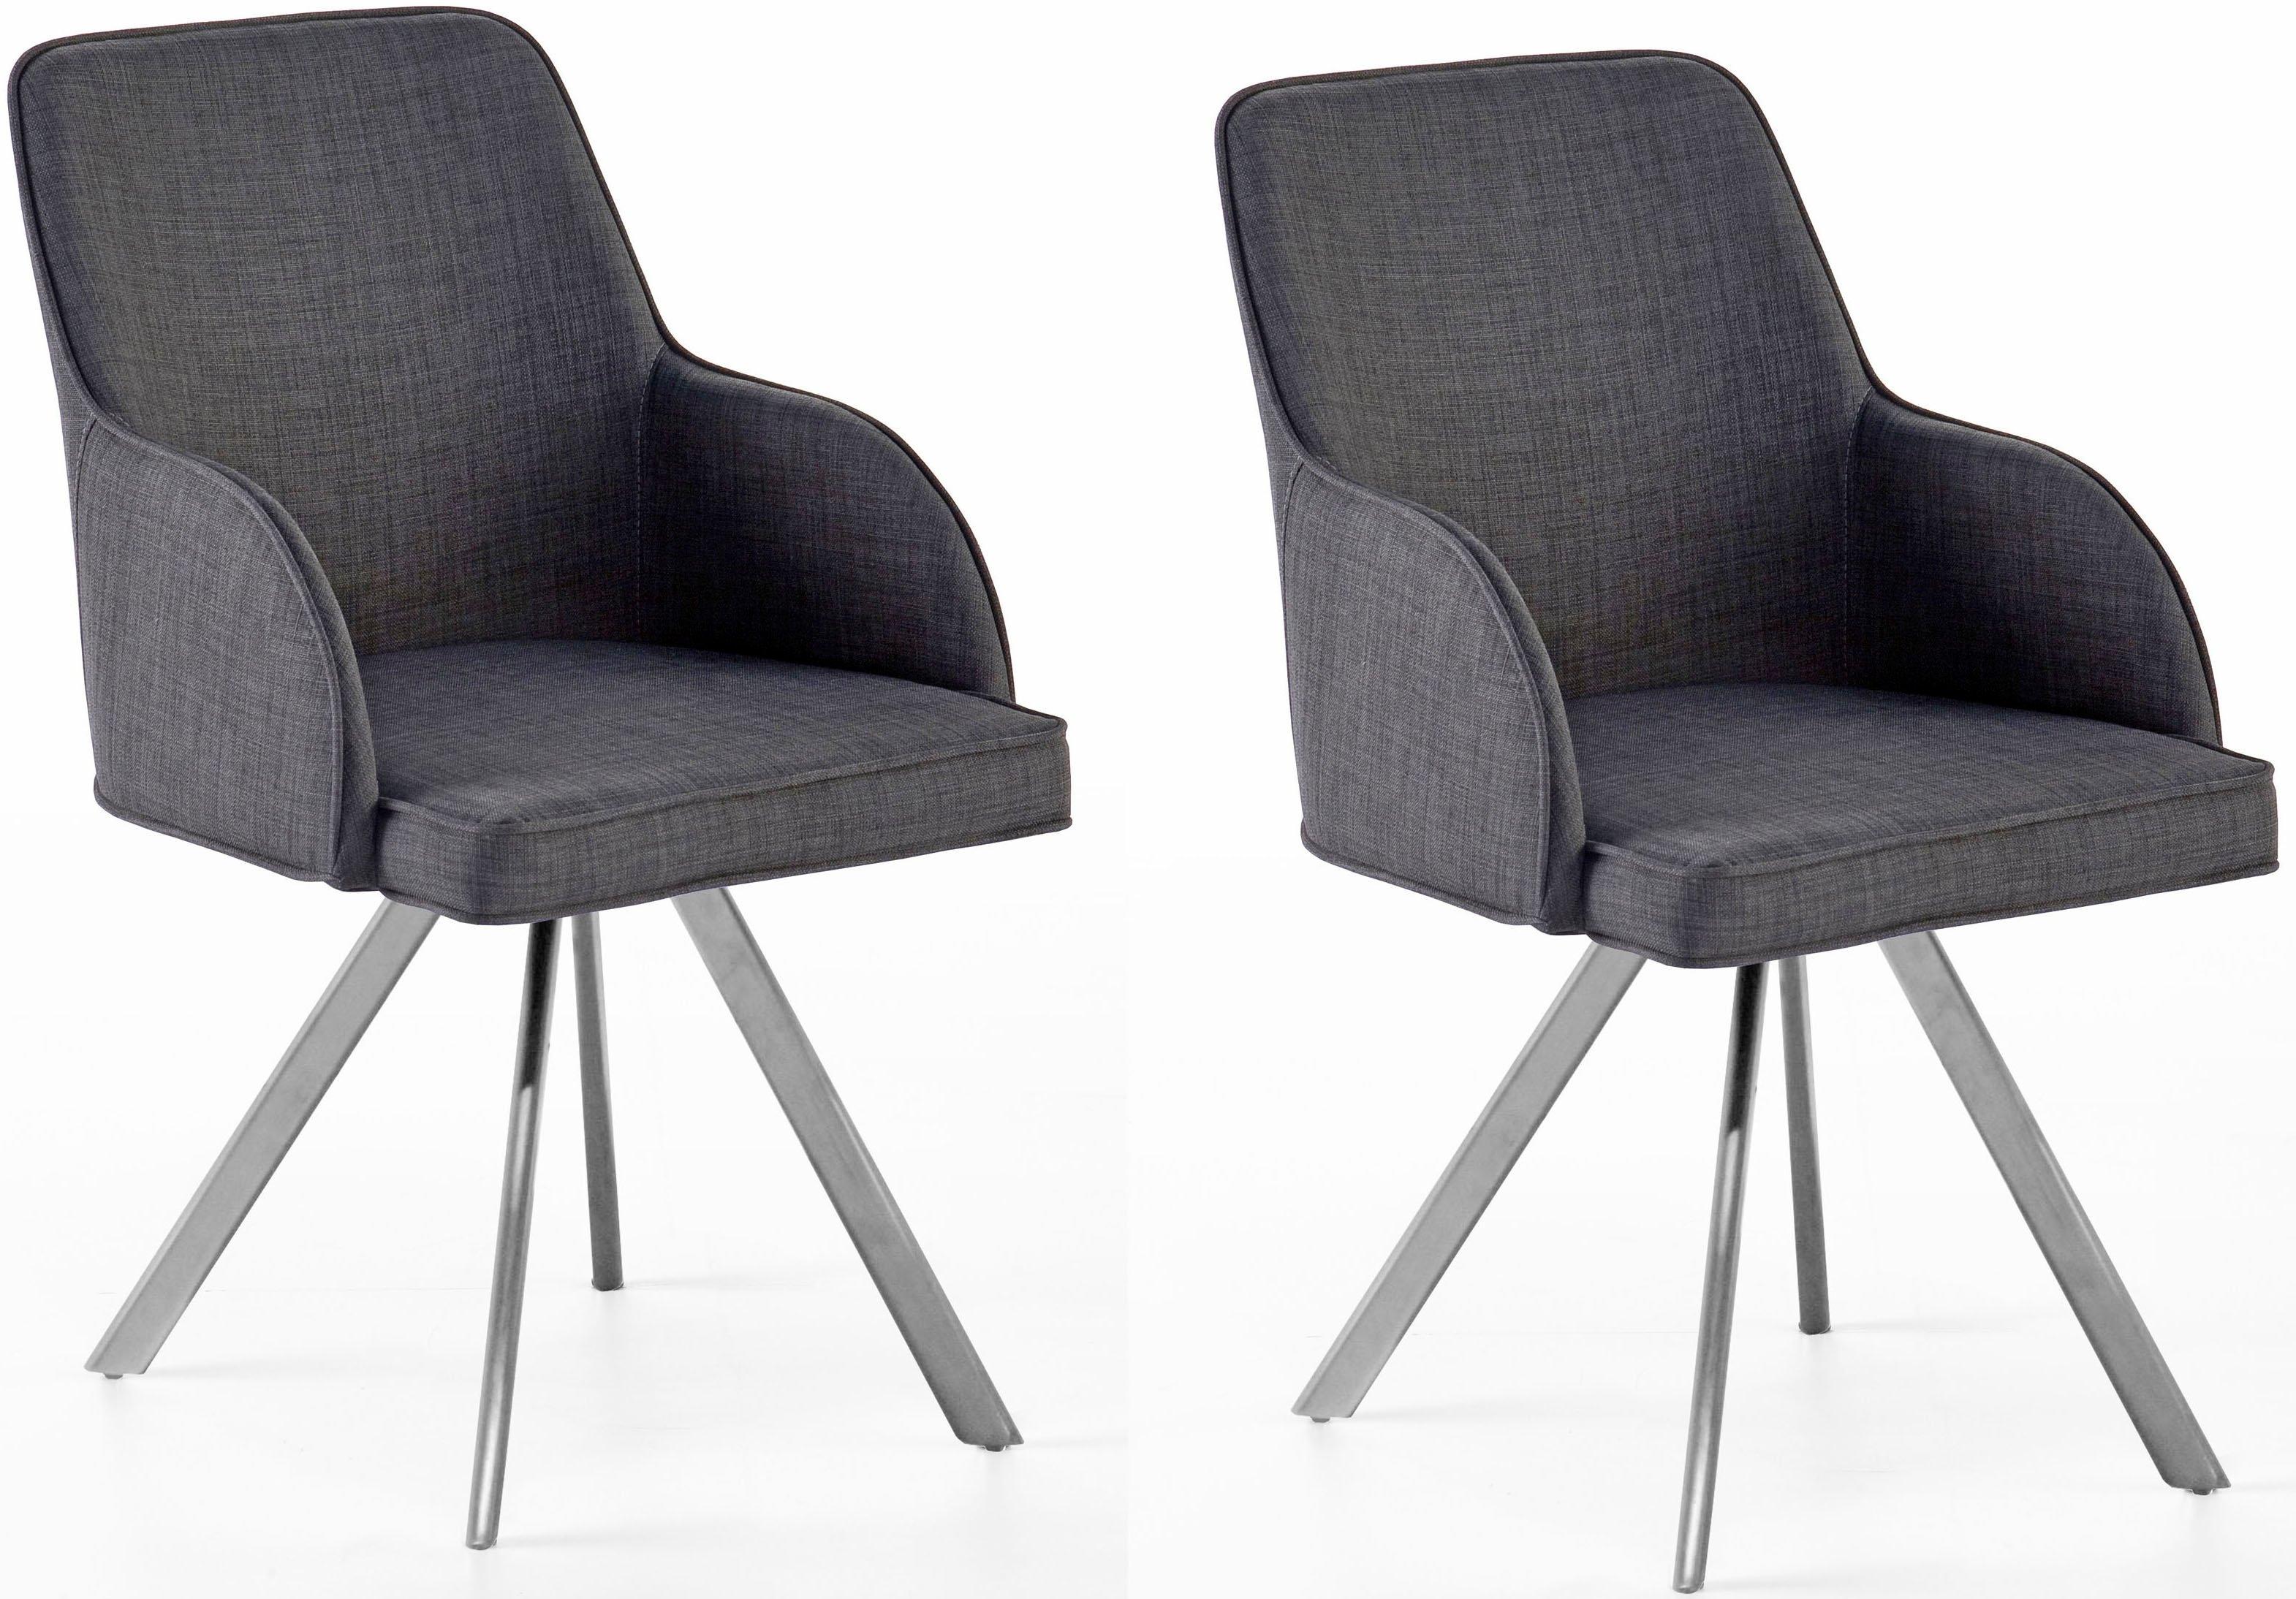 MCA furniture eetkamerstoel Elara C 180° draaibaar met retourveer, belastbaar tot max. 120 kg (set, 2 stuks) bij OTTO online kopen